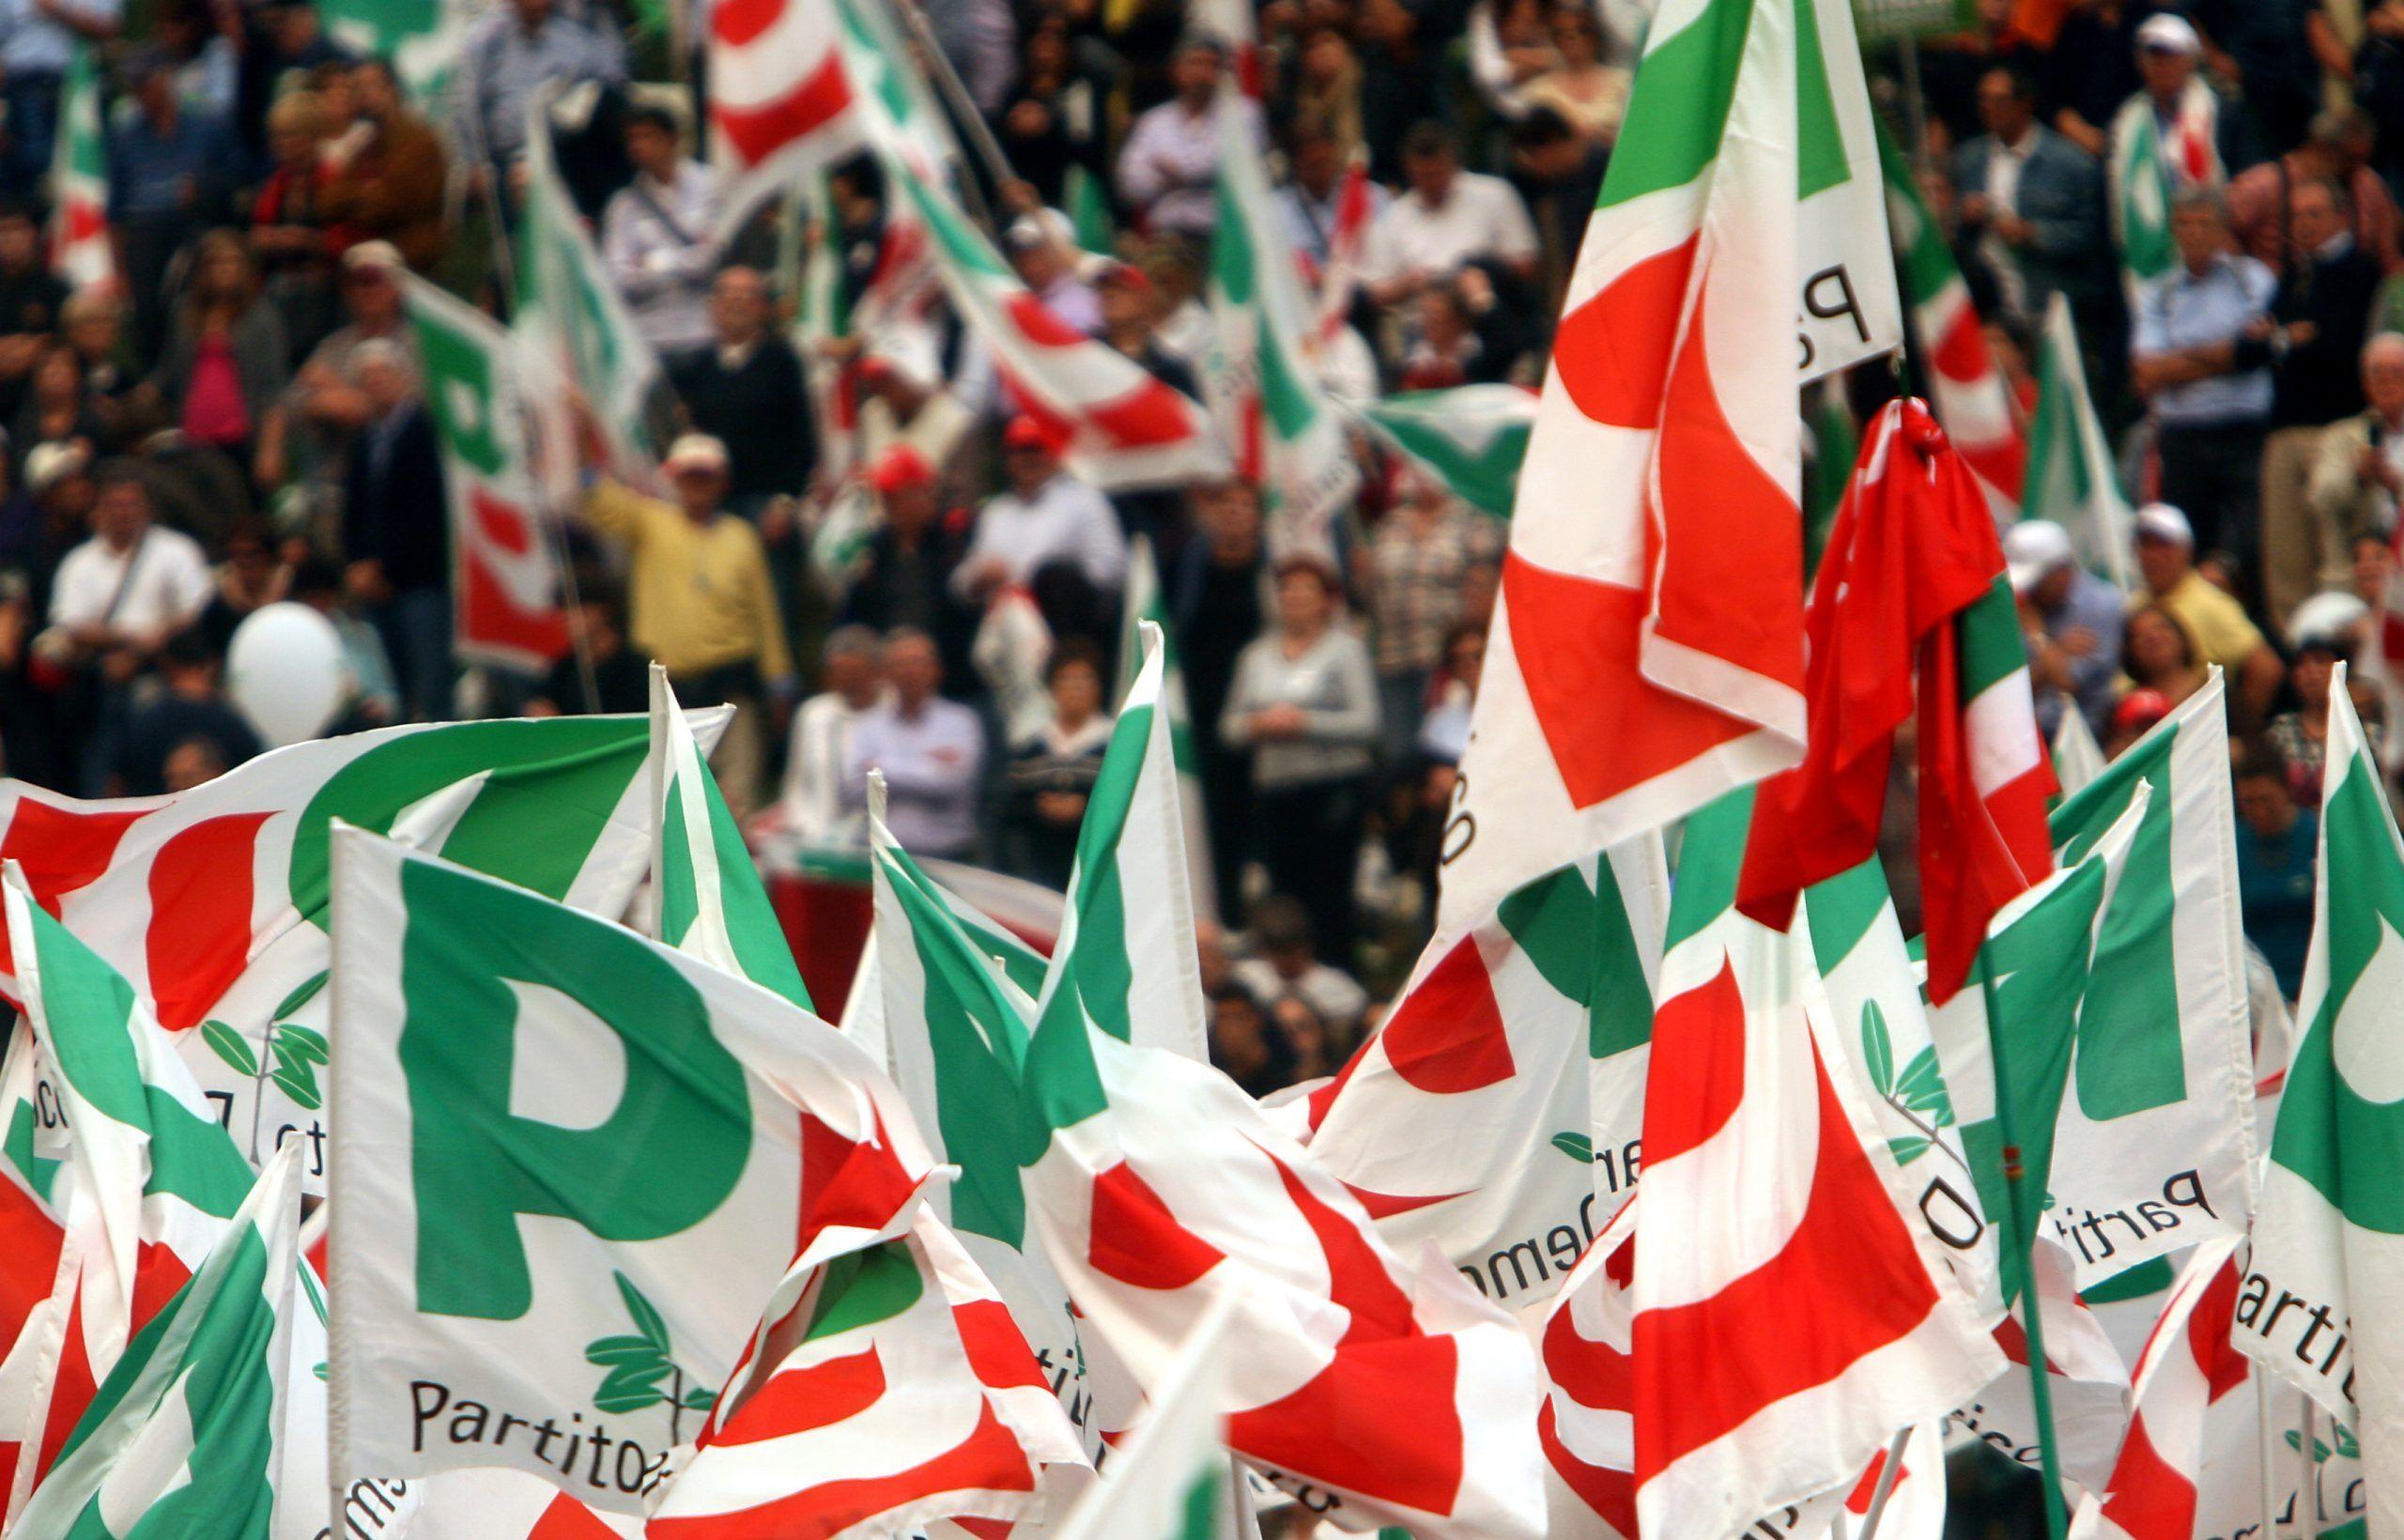 I partiti italiani di sinistra, dal Partito Comunista Italiano al PD